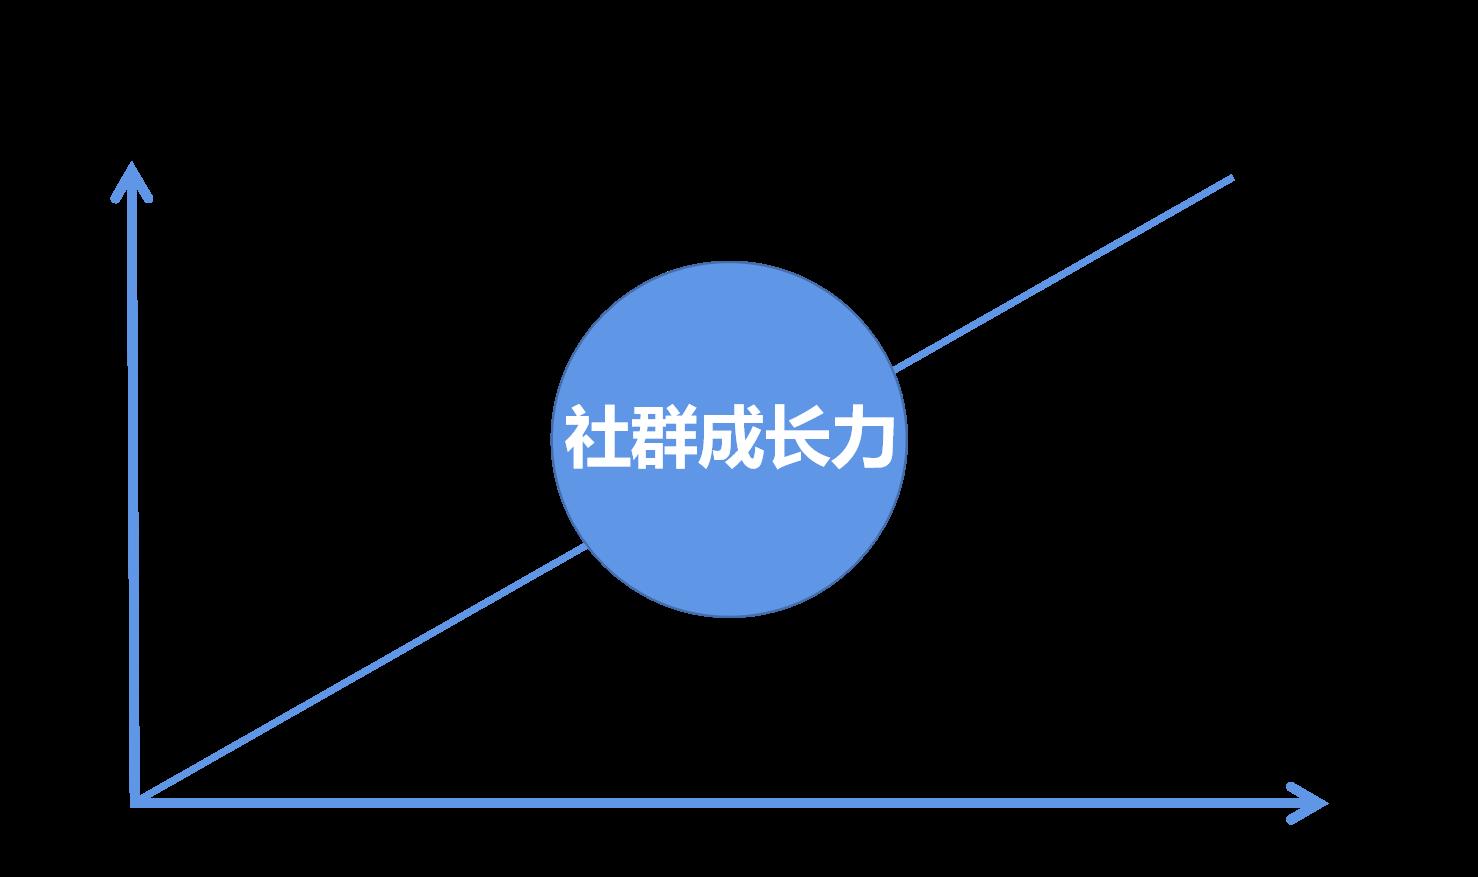 鸟哥笔记,用户运营,π爷运营,社群运营,用户运营